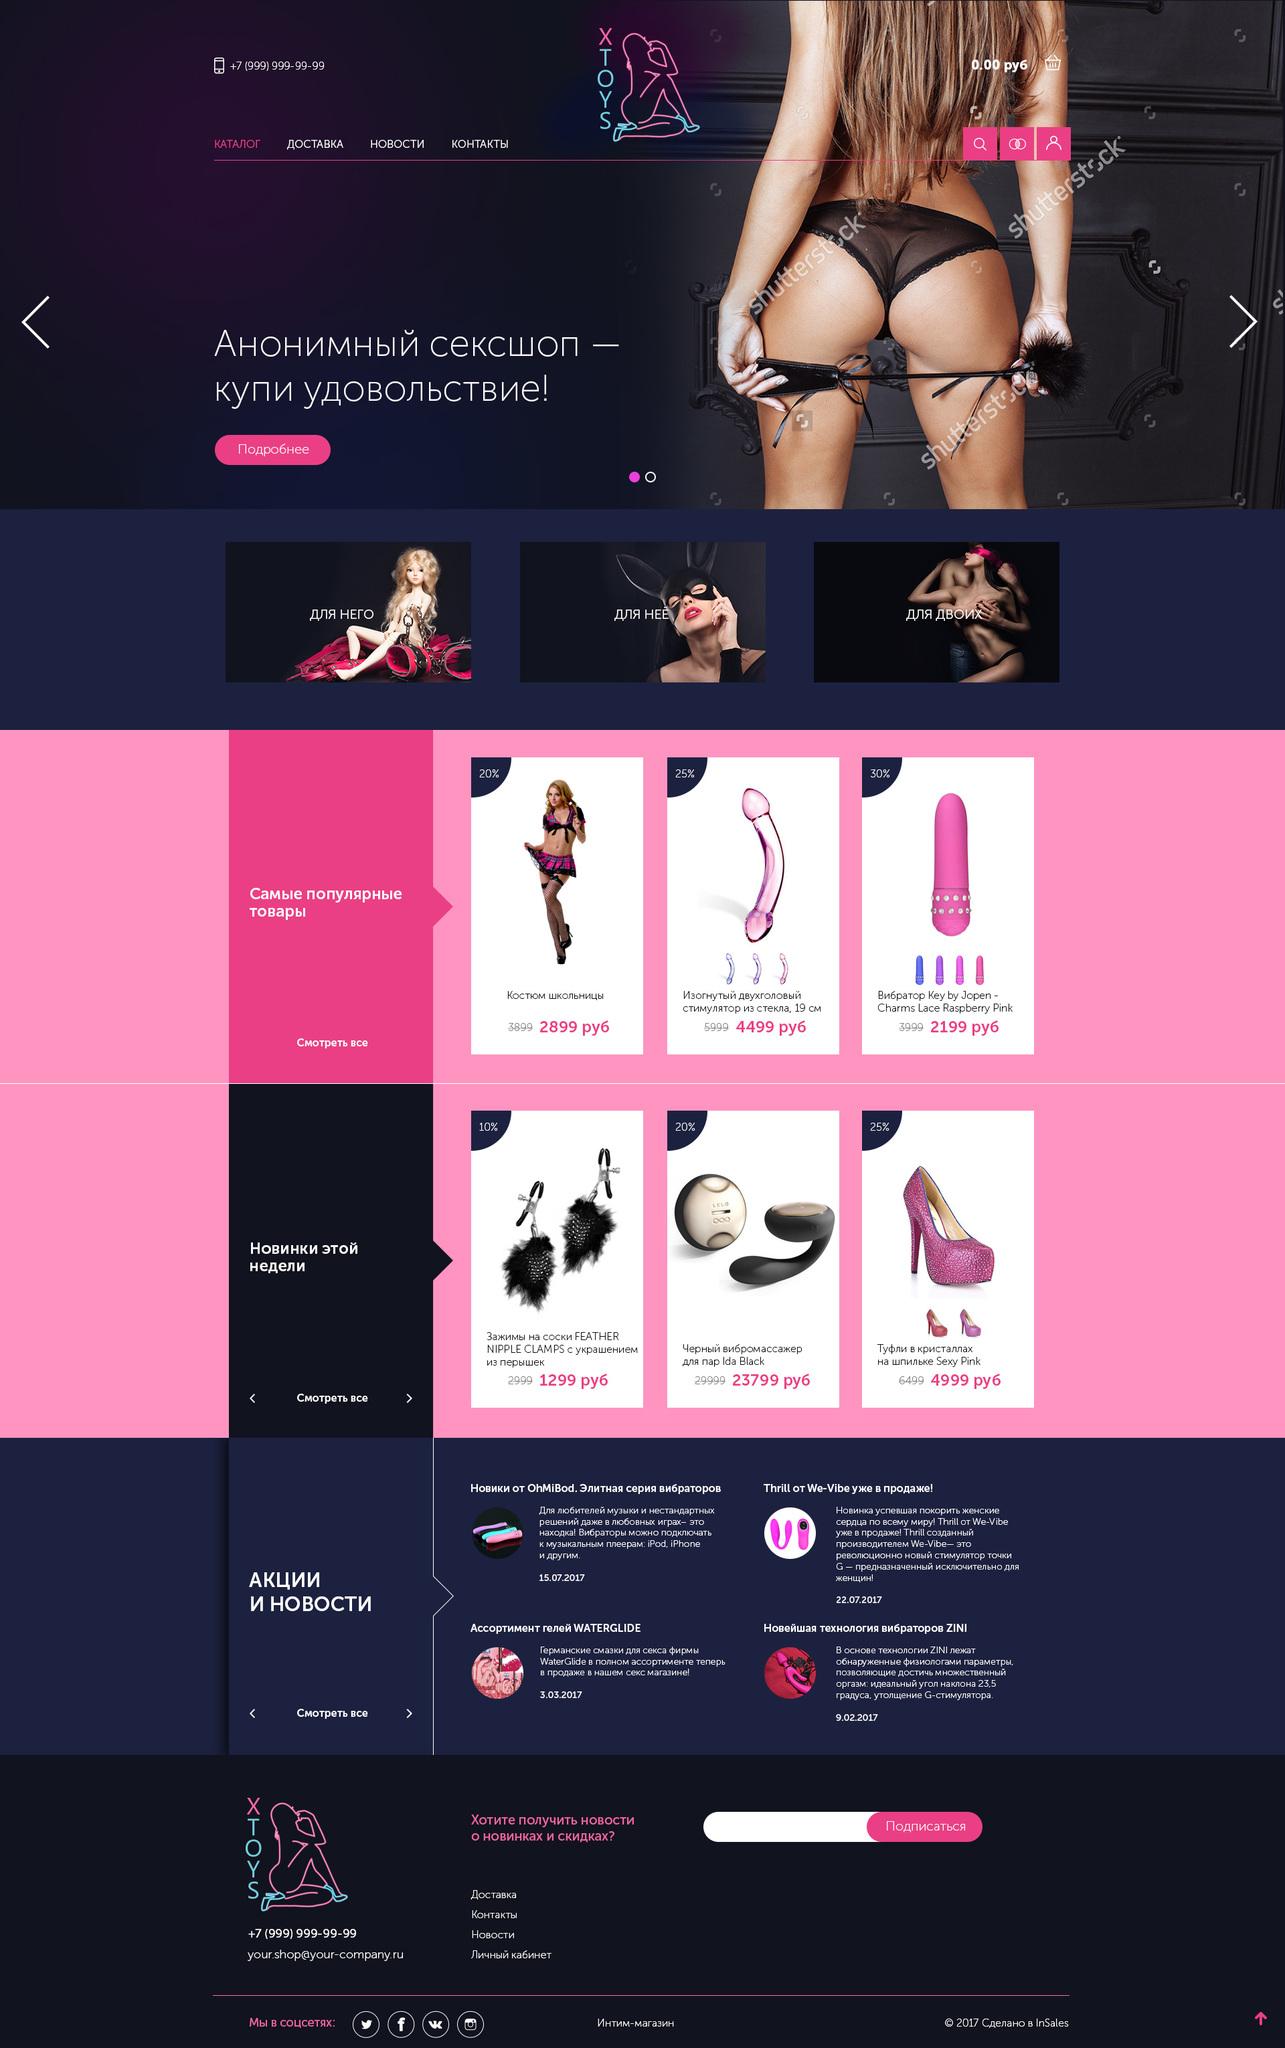 Шаблон интернет магазина - Сексшоп